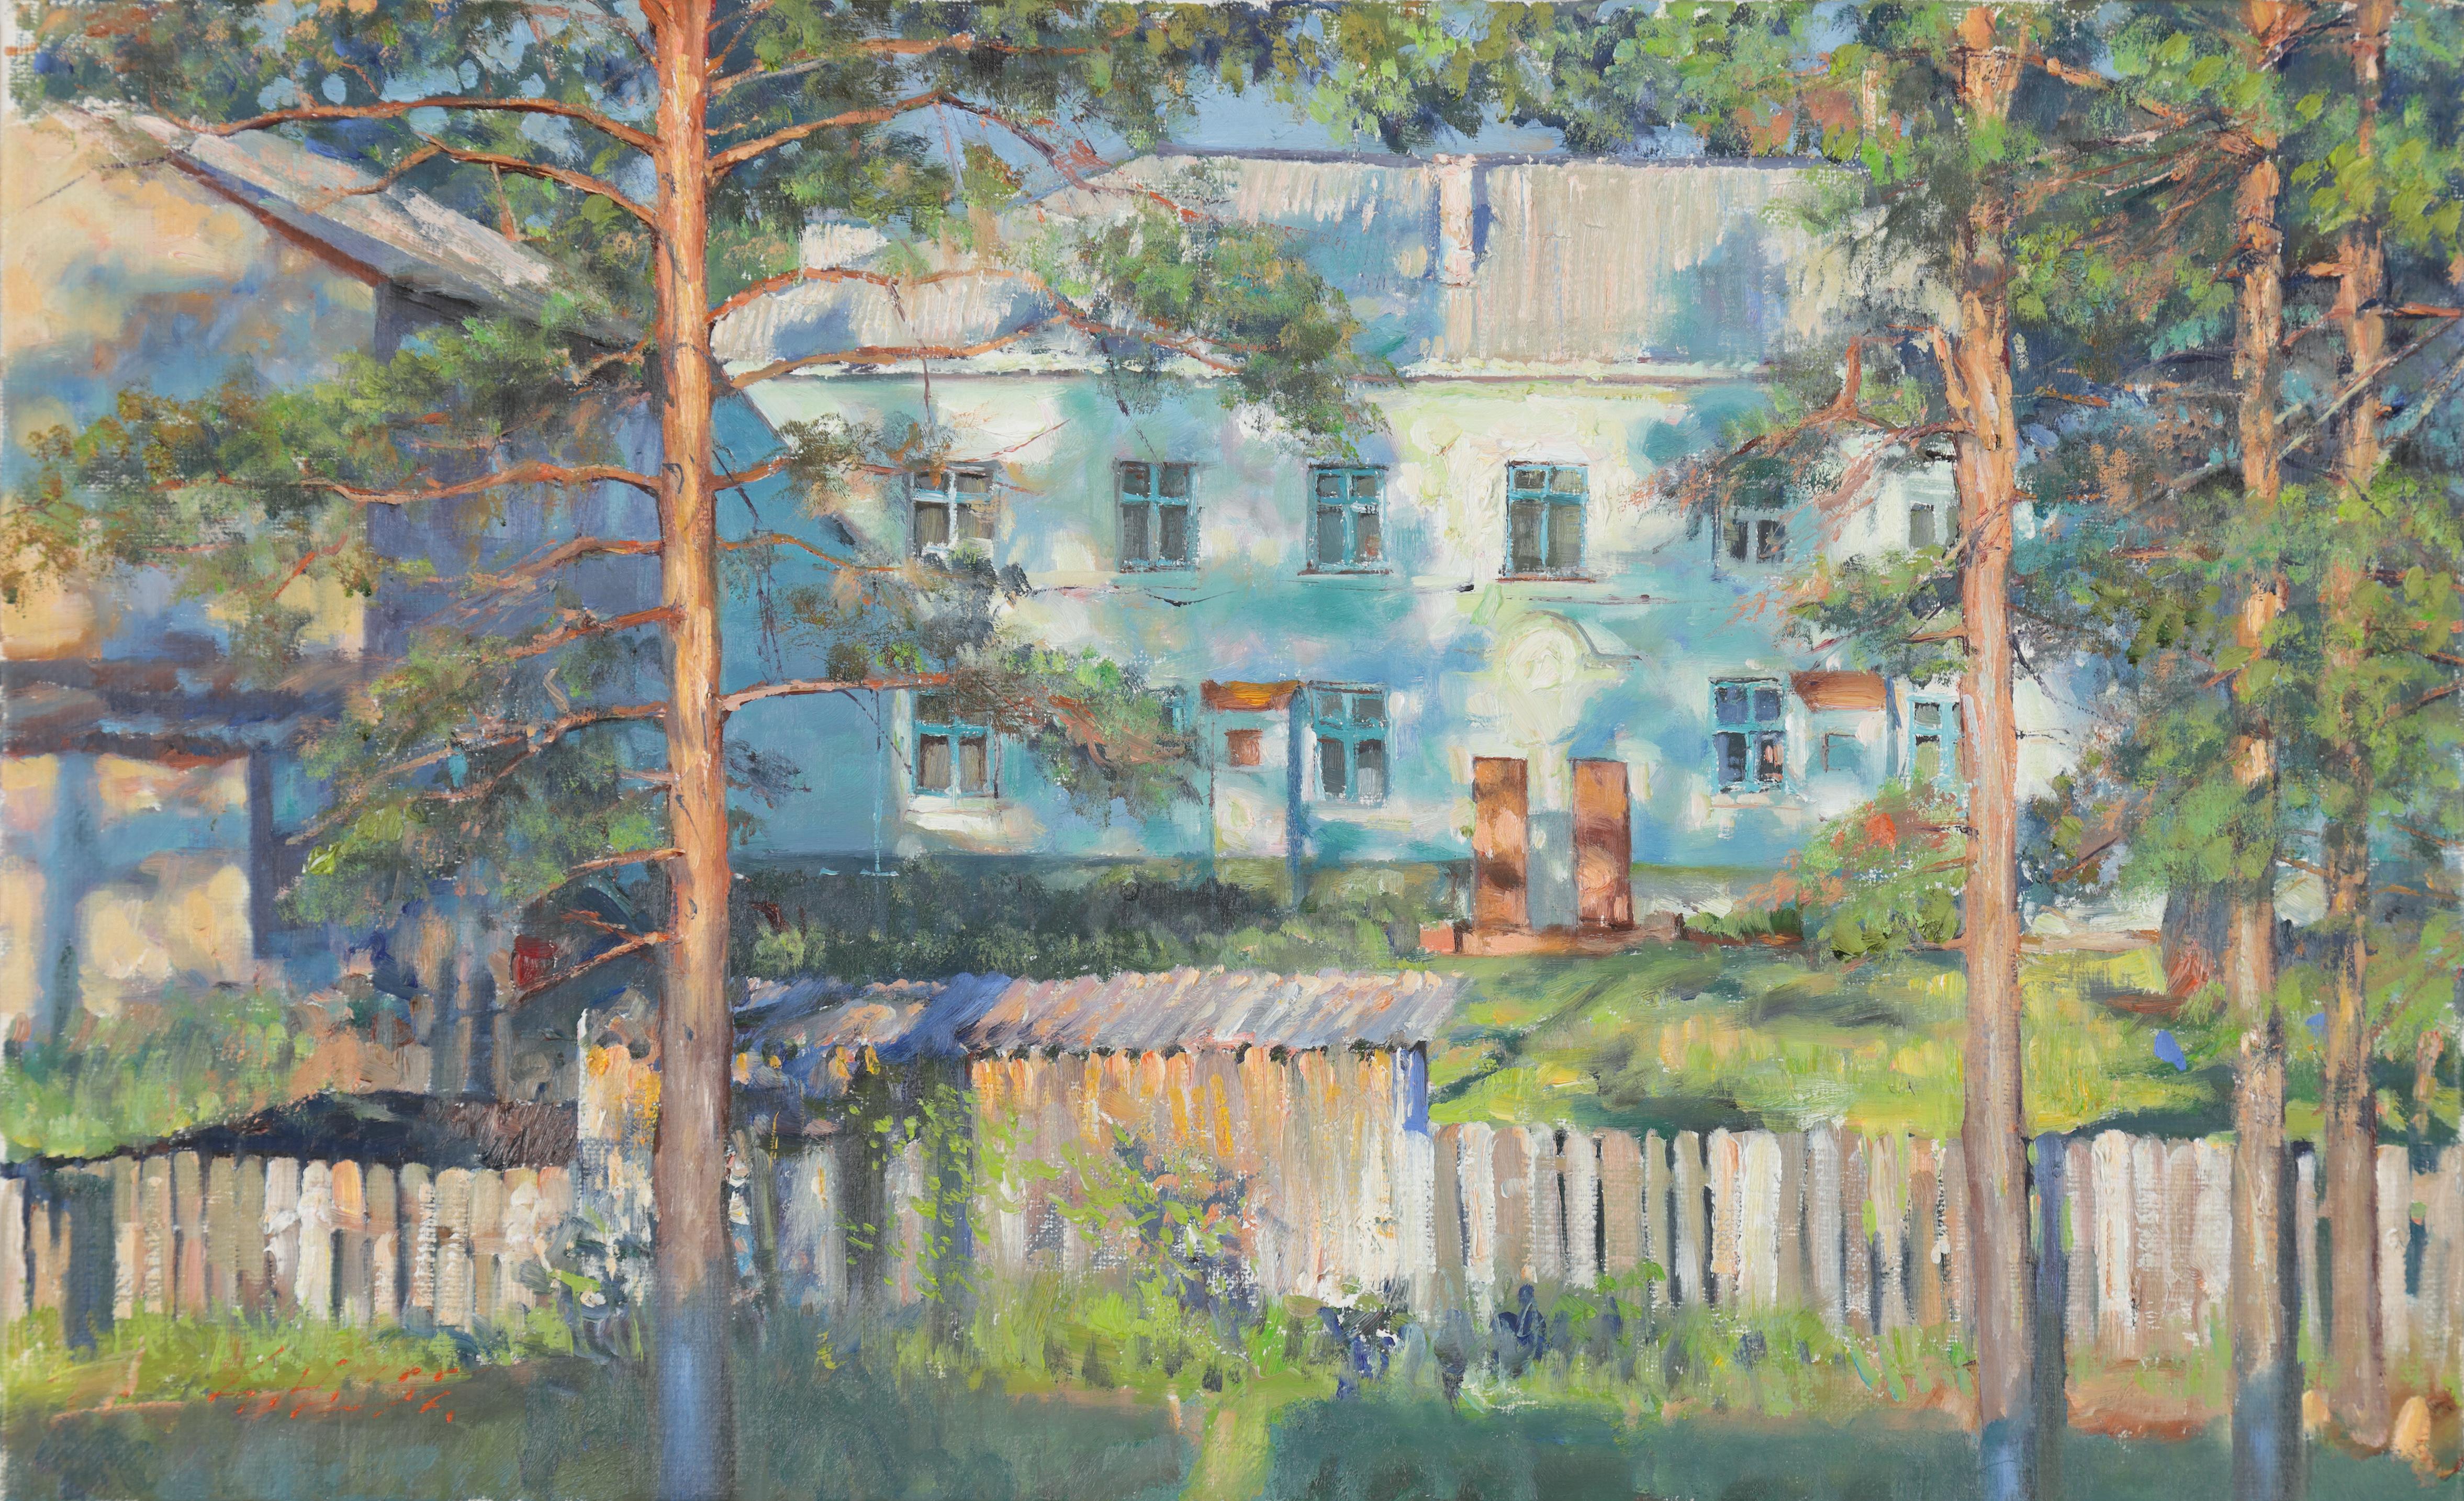 19 나무 그림자 28x45.5 Oil on canvas 2016